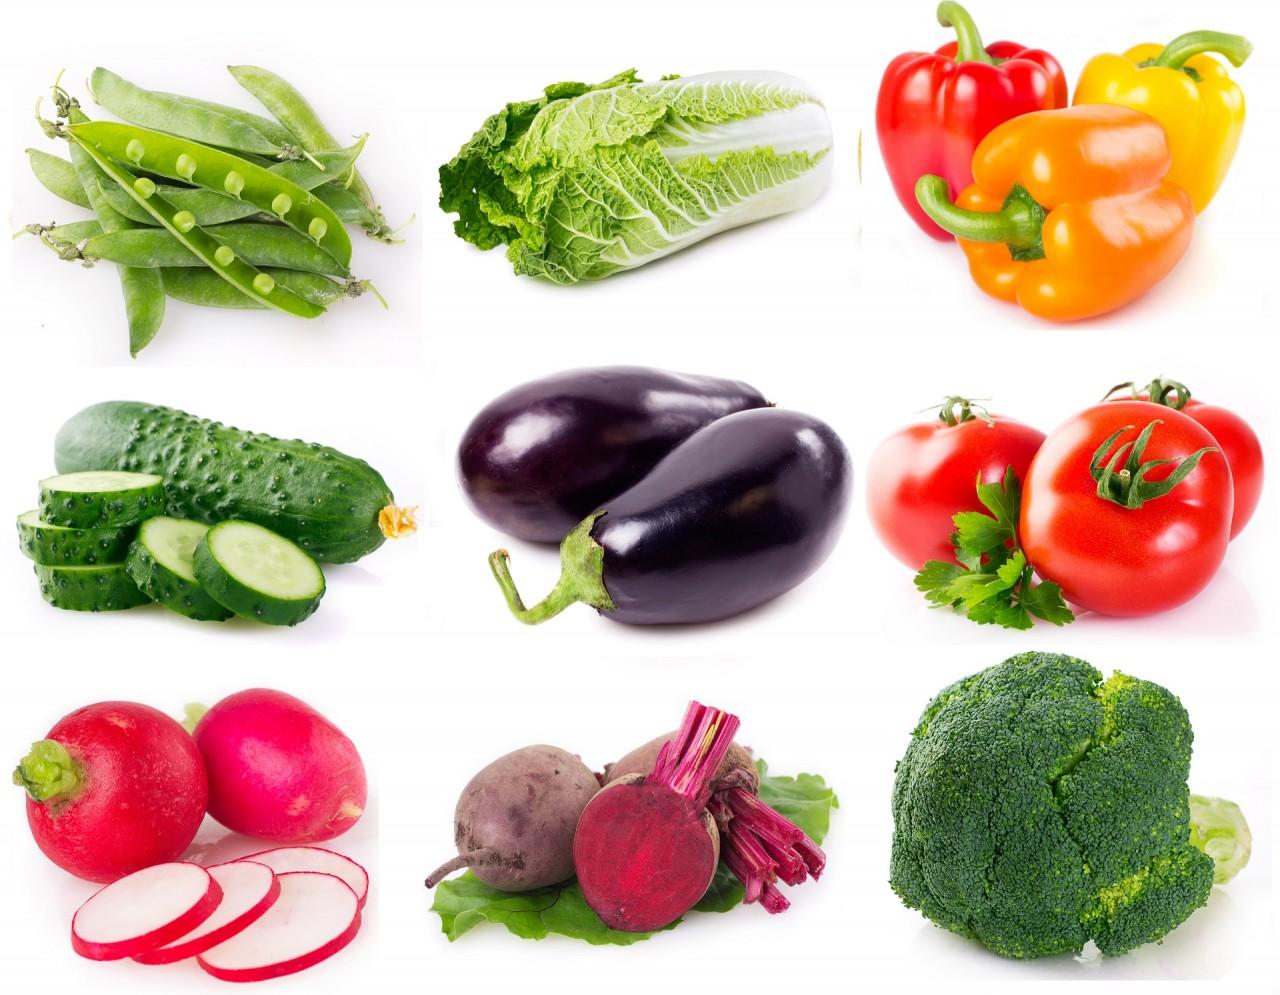 Os benefícios das fibras nos vegetais, Lista de vegetais de mais baixa caloria, Uso de vegetais de baixa caloria e bagas